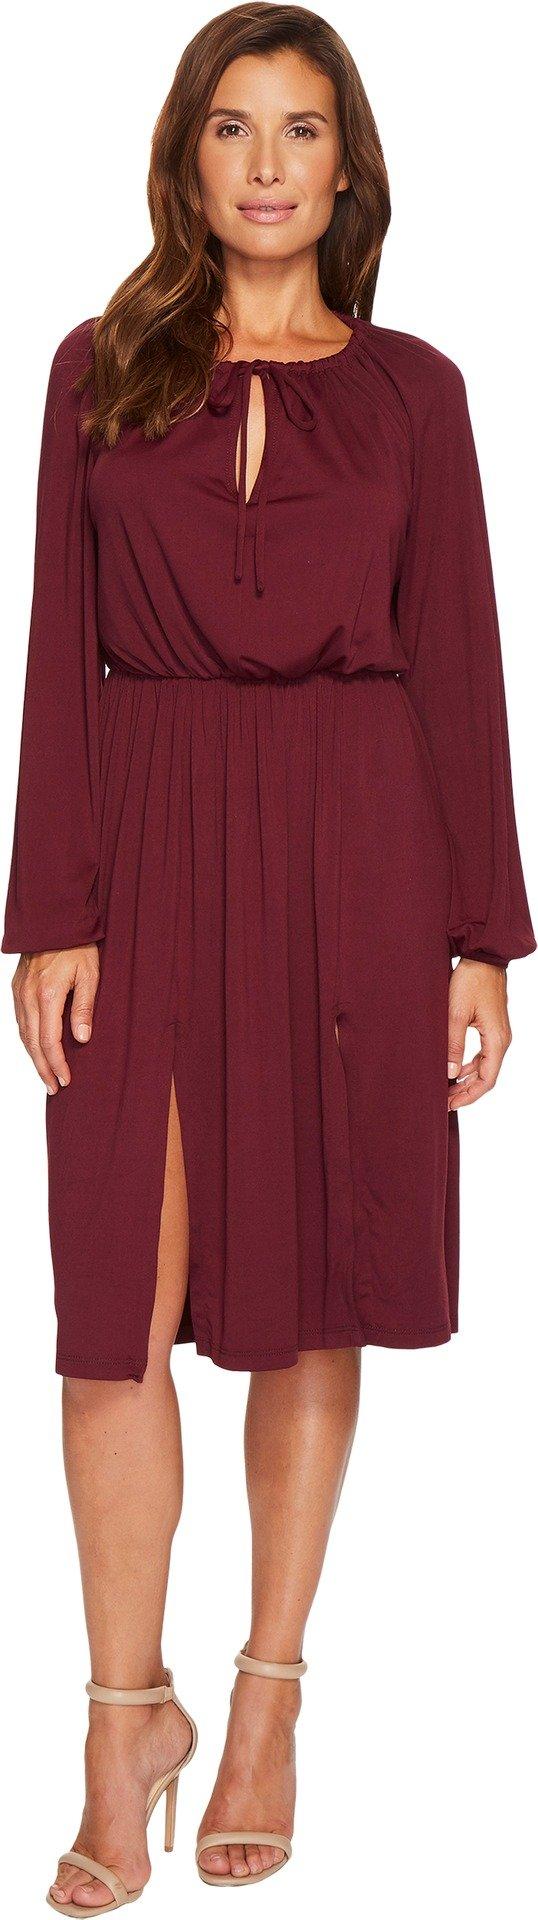 Available at Amazon: Susana Monaco Women's Kasia Dress